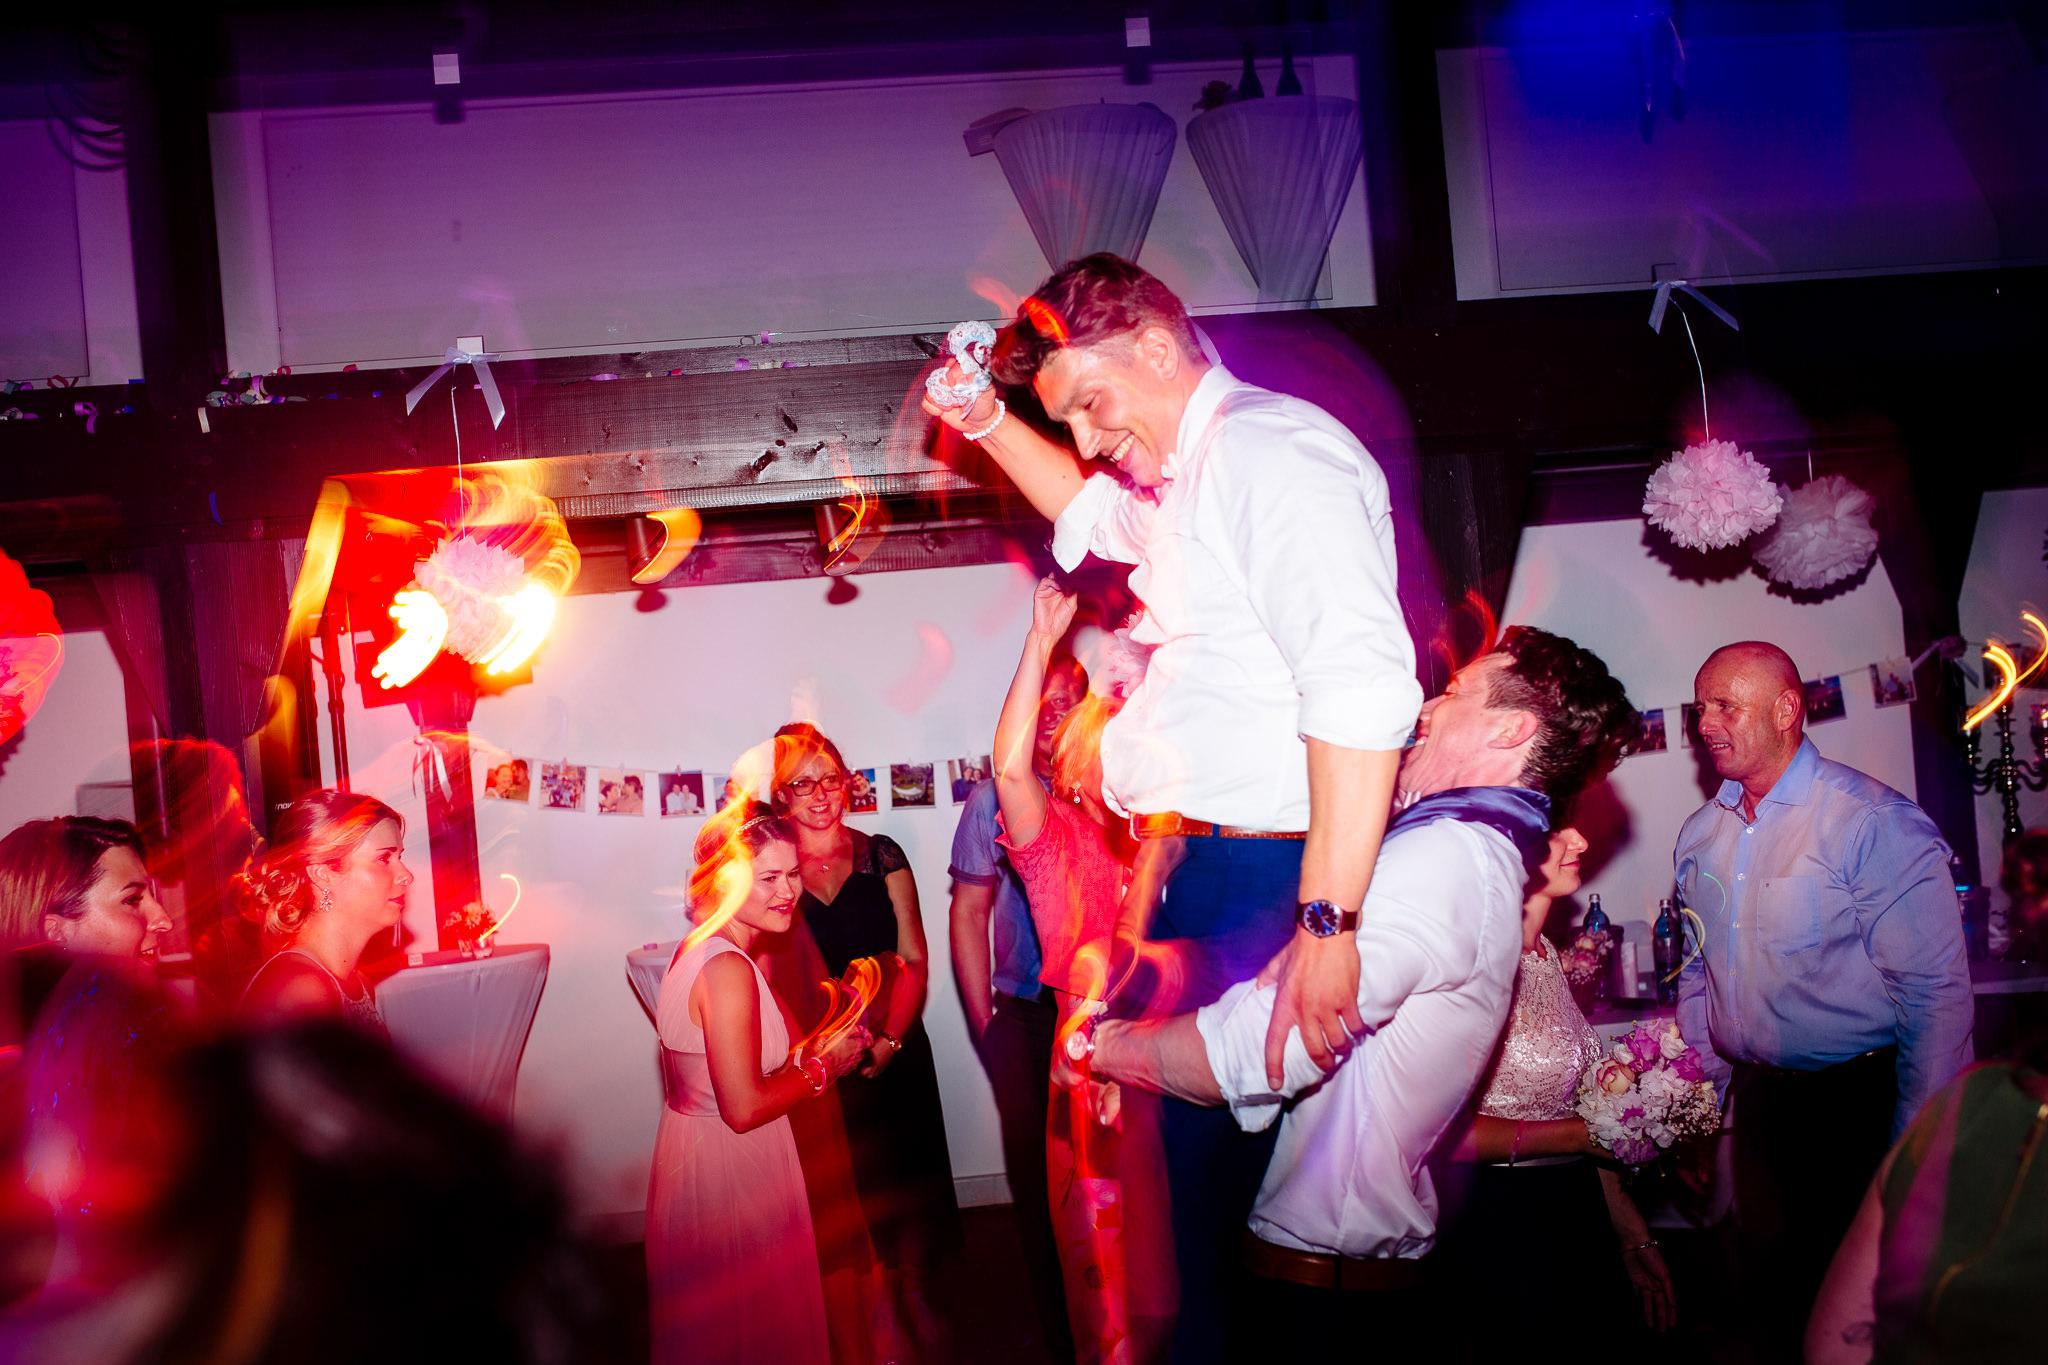 Party - Feiern nach Lust und Laune gehört zu jeder Hochzeit. Ob ein einstudierter Hochzeitstanz oder eine ausgelassene Tanzparty- hier ermöglichen verschiedene Aufnahmetechniken atemberaubende Bilder.Die perfekte Ergänzung zu jeglicher Art von Feier ist meine Shotbox, die ihr wunschweise mit lustigen Verkleidungen, Sofort-Ausdruck der Bilder vor Ort und Bereitstellung eines Gästebuches nutzen könnt. Ihr als Brautpaar bekommt sie natürlich ermäßigt zur Verfügung gestellt! Hier erfahrt ihr mehr: https://shotbox.events